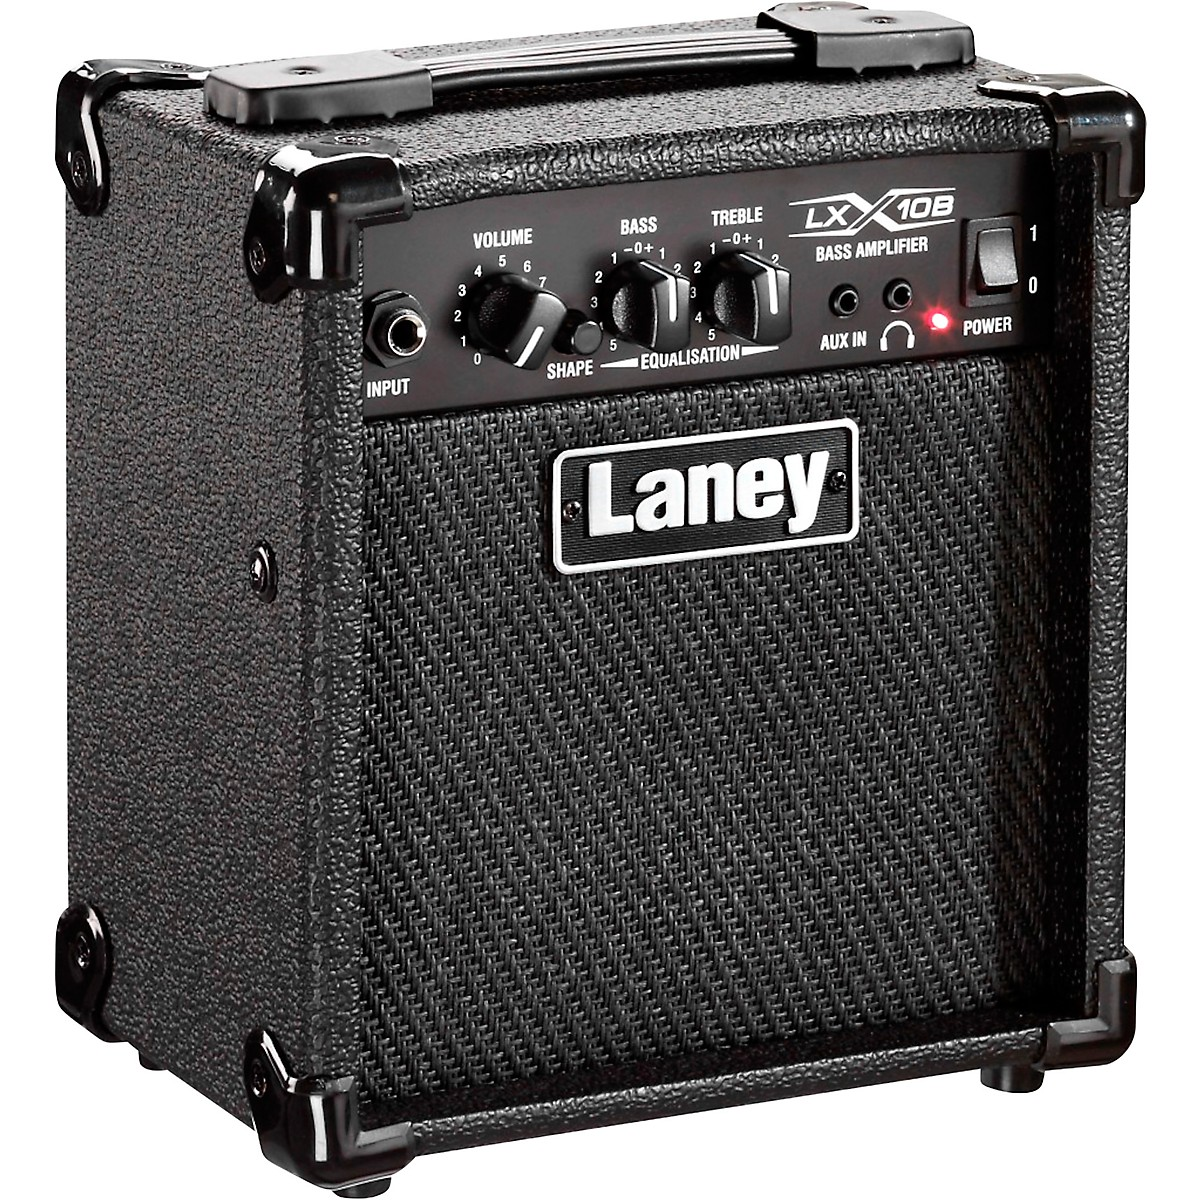 Laney LX10B 10W 1x5 Bass Combo Amp